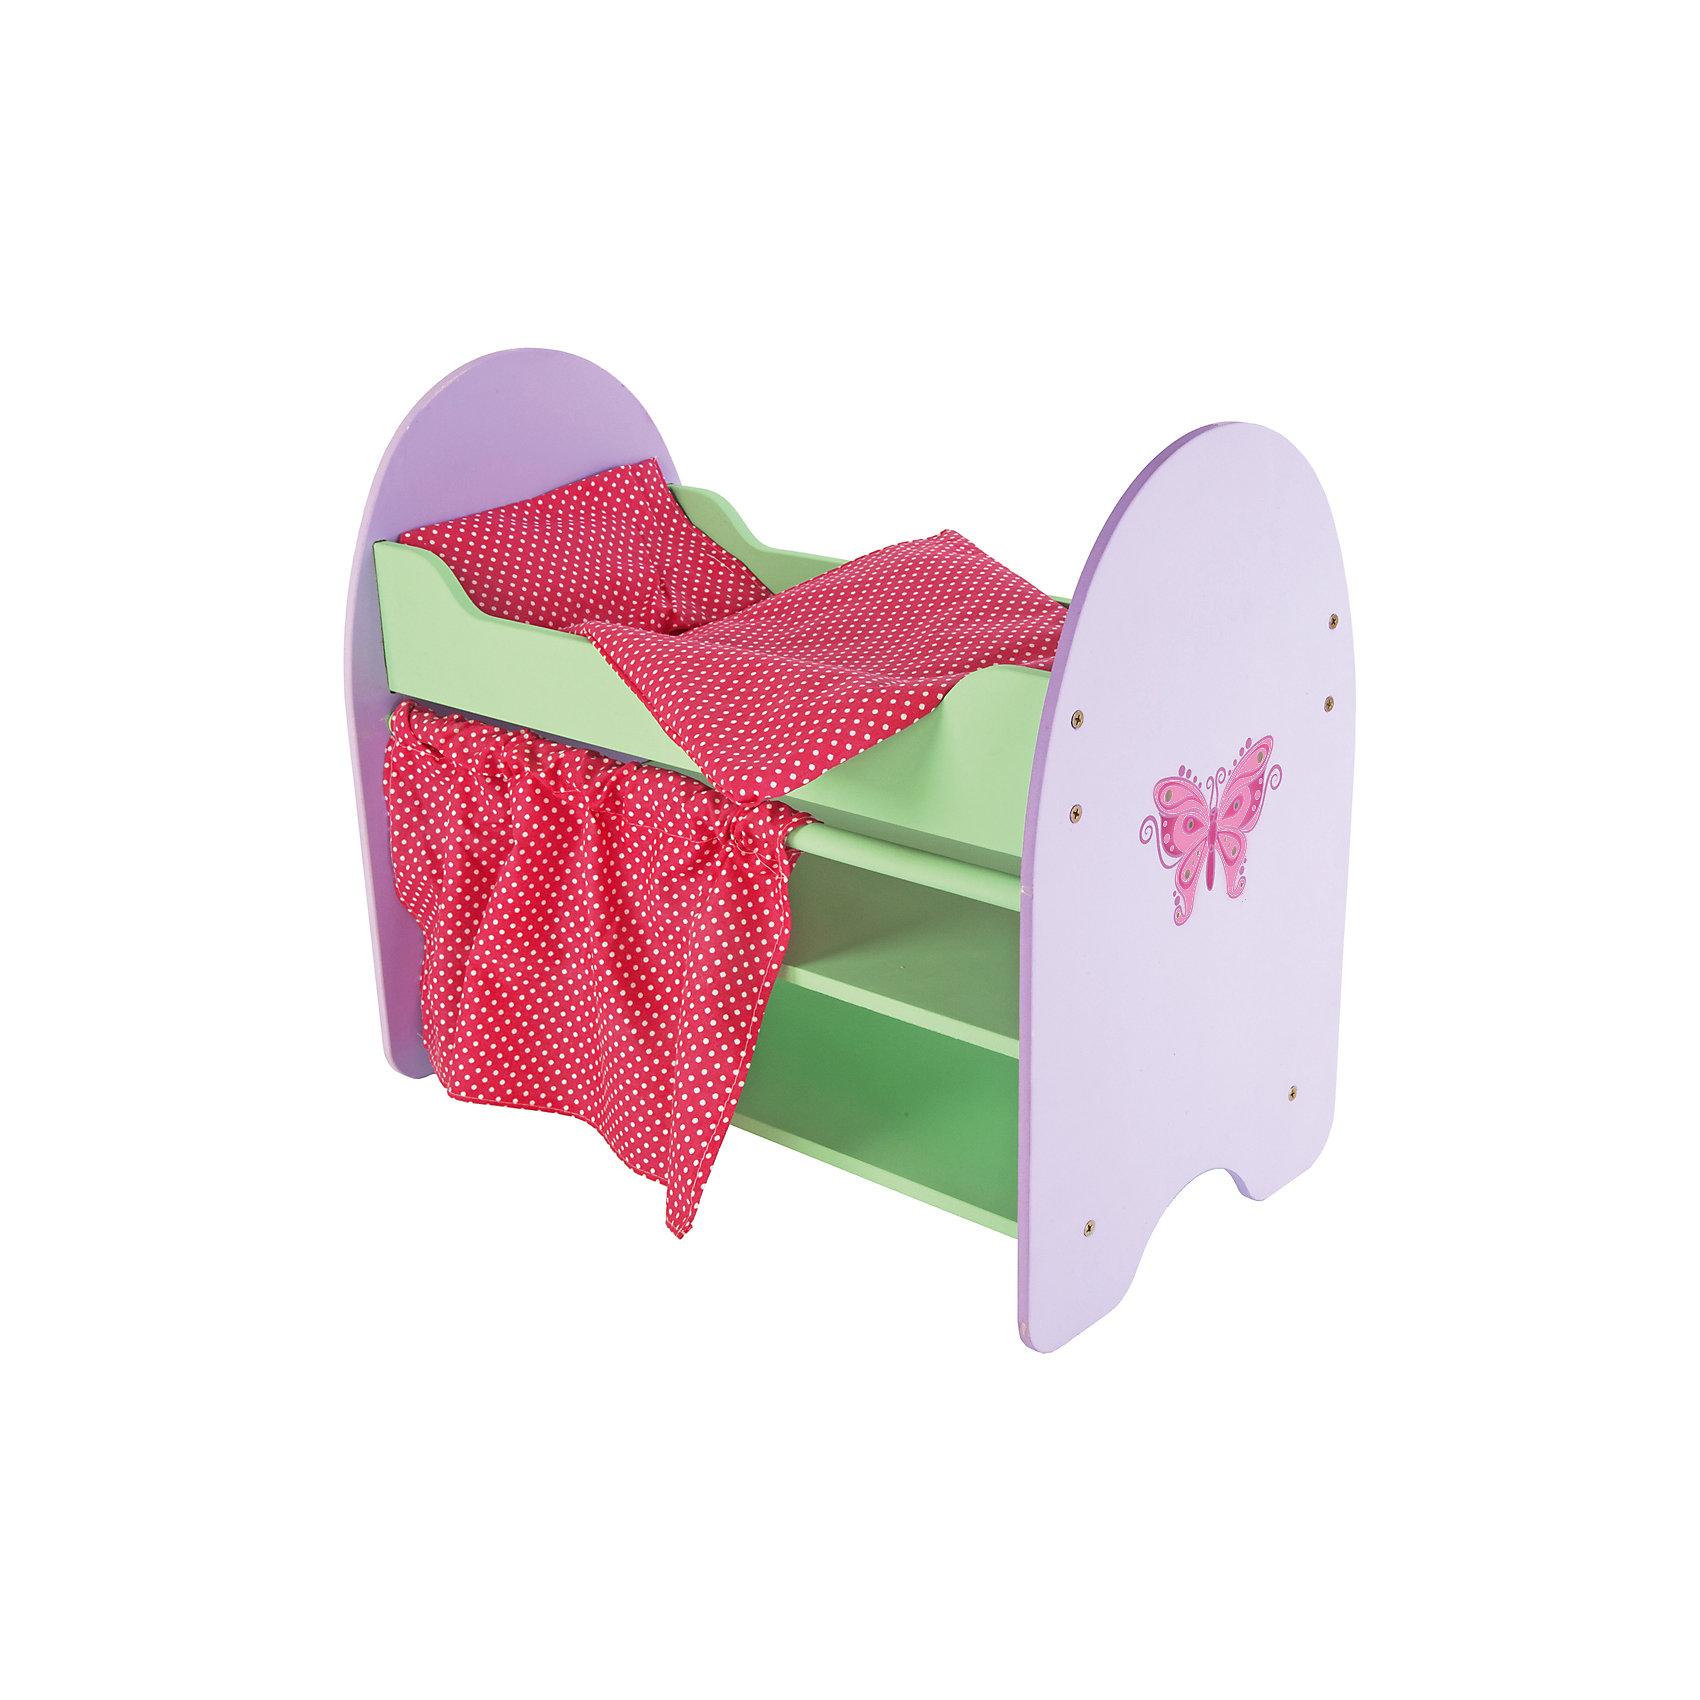 Кроватка Бабочка с полками, 51*30*45 см, Mary PoppinsБольшинство девочек любят играть в куклы. Дочки–матери – любимая игра, которая актуальна вне времени и пространства среди детей. Кукла – главный атрибут игры. Но куда укладывать куклу спать? Кроватка «Бабочка» - отличный вариант. Бортики не дадут выпасть кукле во время качания. Постельное белье яркого цвета придает кроватке натуральности. Играть с кроваткой интересно и просто! Материалы, использованные при изготовлении товара, абсолютно безопасны и отвечают всем международным требованиям по качеству.<br><br>Дополнительные характеристики:<br><br>материал: дерево, текстиль;<br>цвет: разноцветный;<br>габариты: 51*30*45 см.<br><br>Кроватку Бабочка с полками от компании Mary Poppins можно приобрести в нашем магазине.<br><br>Ширина мм: 530<br>Глубина мм: 320<br>Высота мм: 80<br>Вес г: 600<br>Возраст от месяцев: 36<br>Возраст до месяцев: 96<br>Пол: Женский<br>Возраст: Детский<br>SKU: 5032517